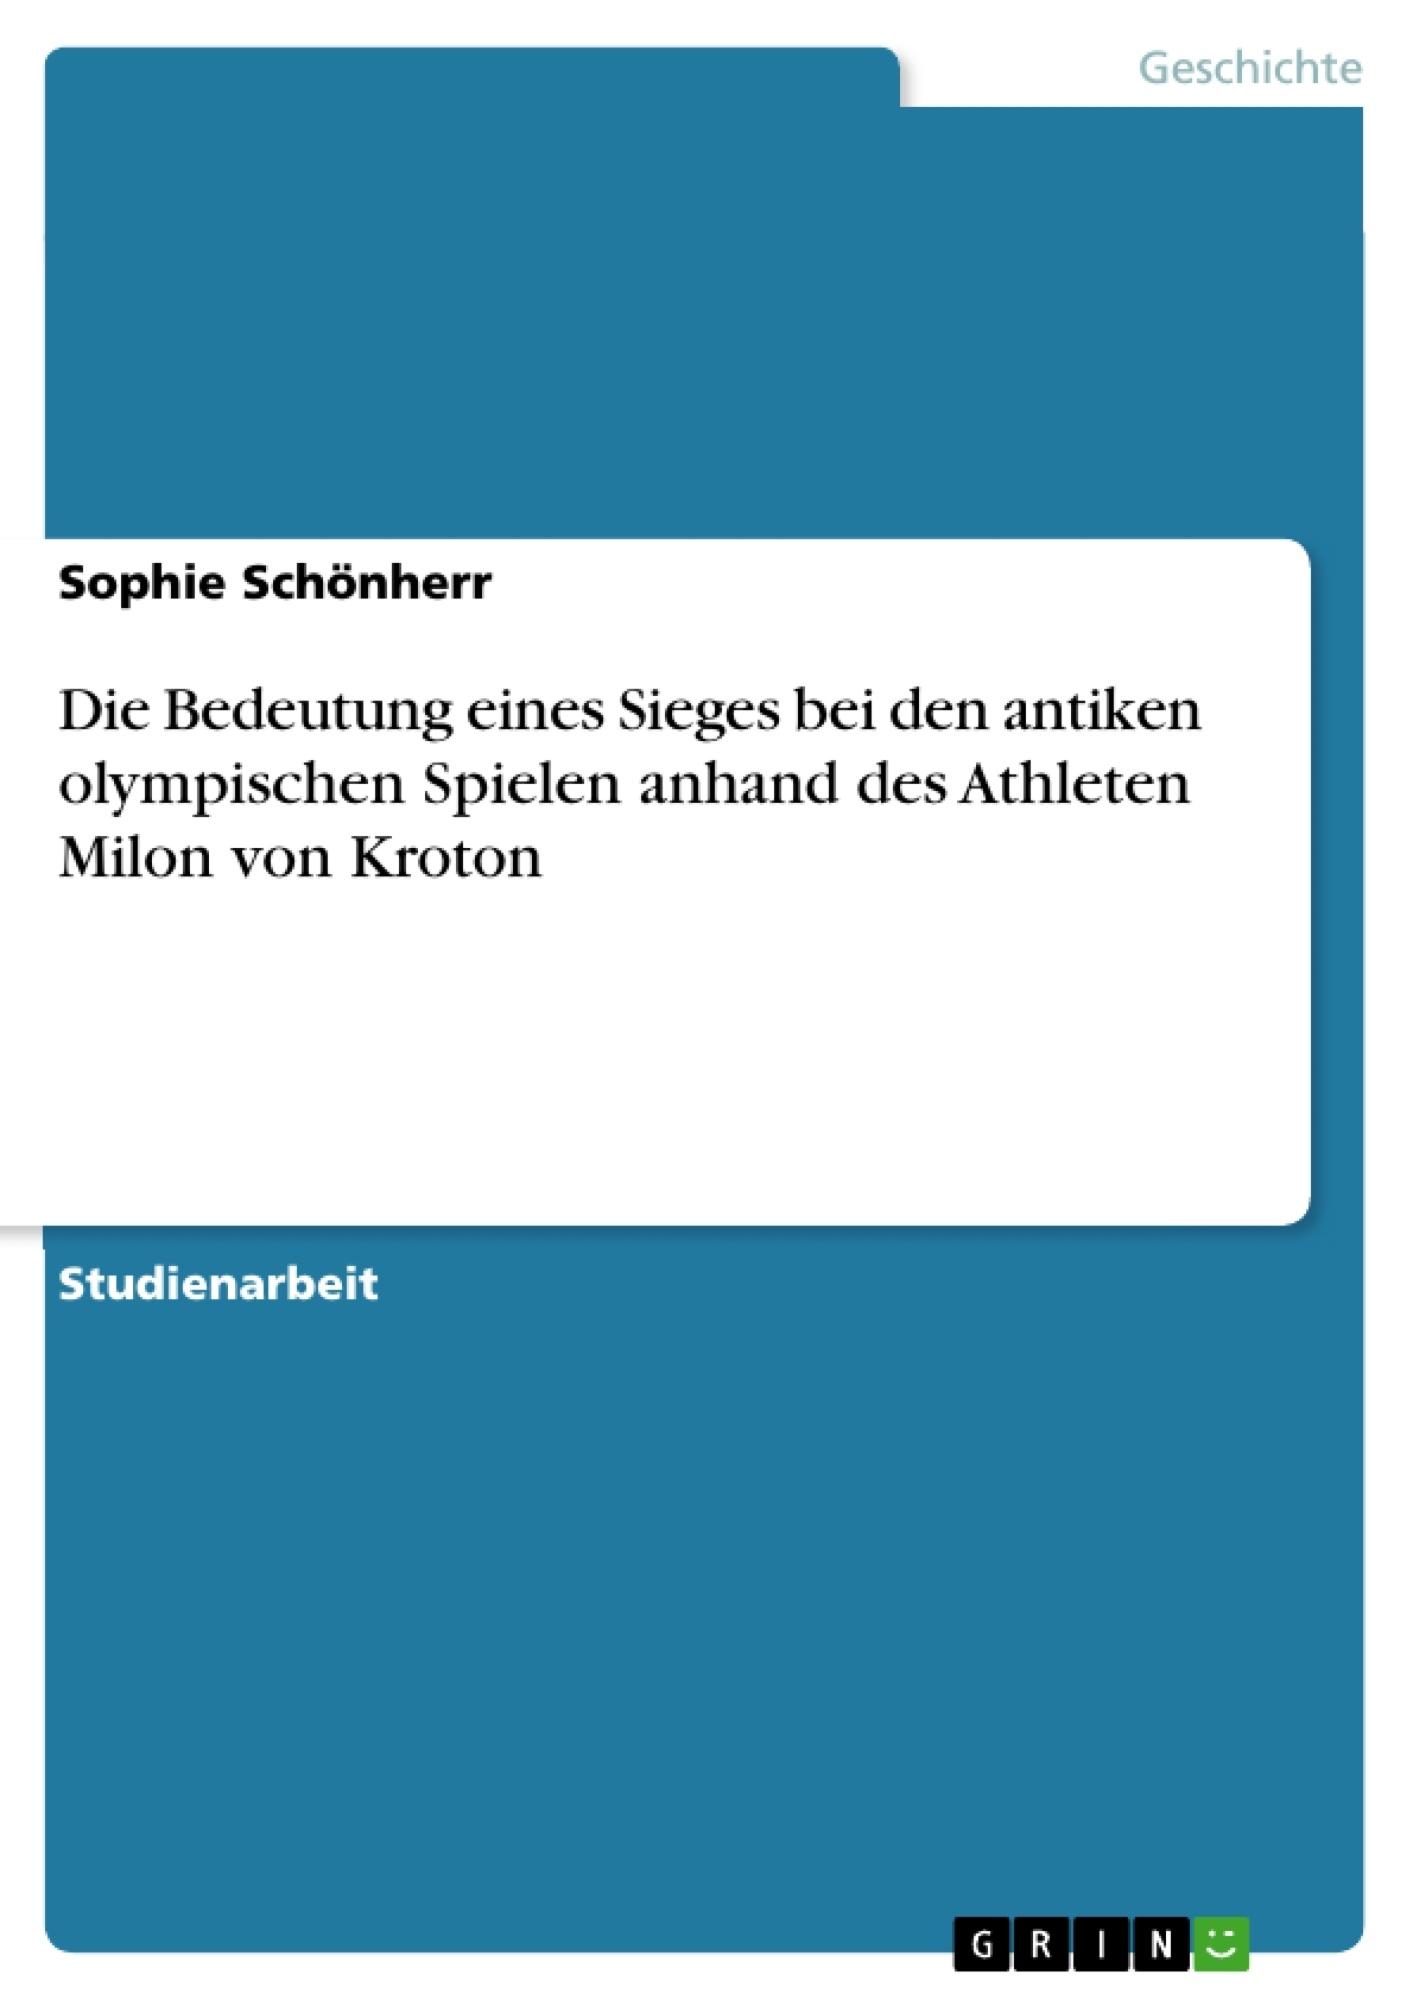 Titel: Die Bedeutung eines Sieges bei den antiken olympischen Spielen anhand des Athleten Milon von Kroton